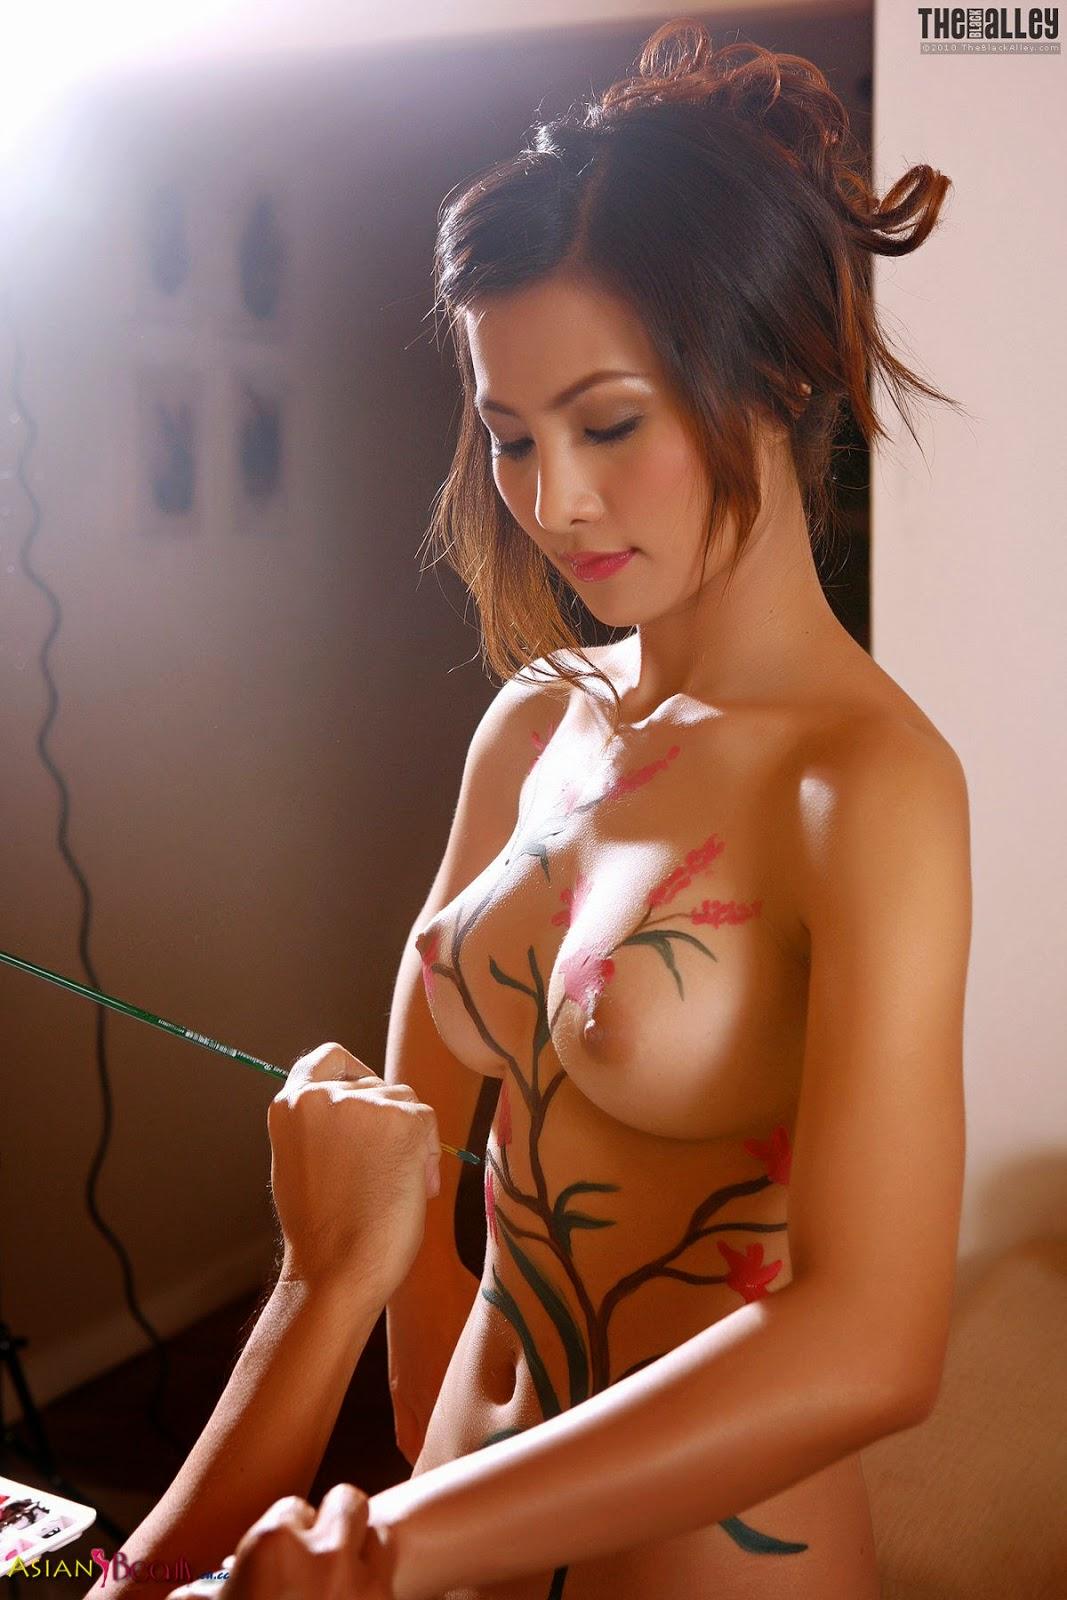 Thai Model Nude - Big Teenage Dicks